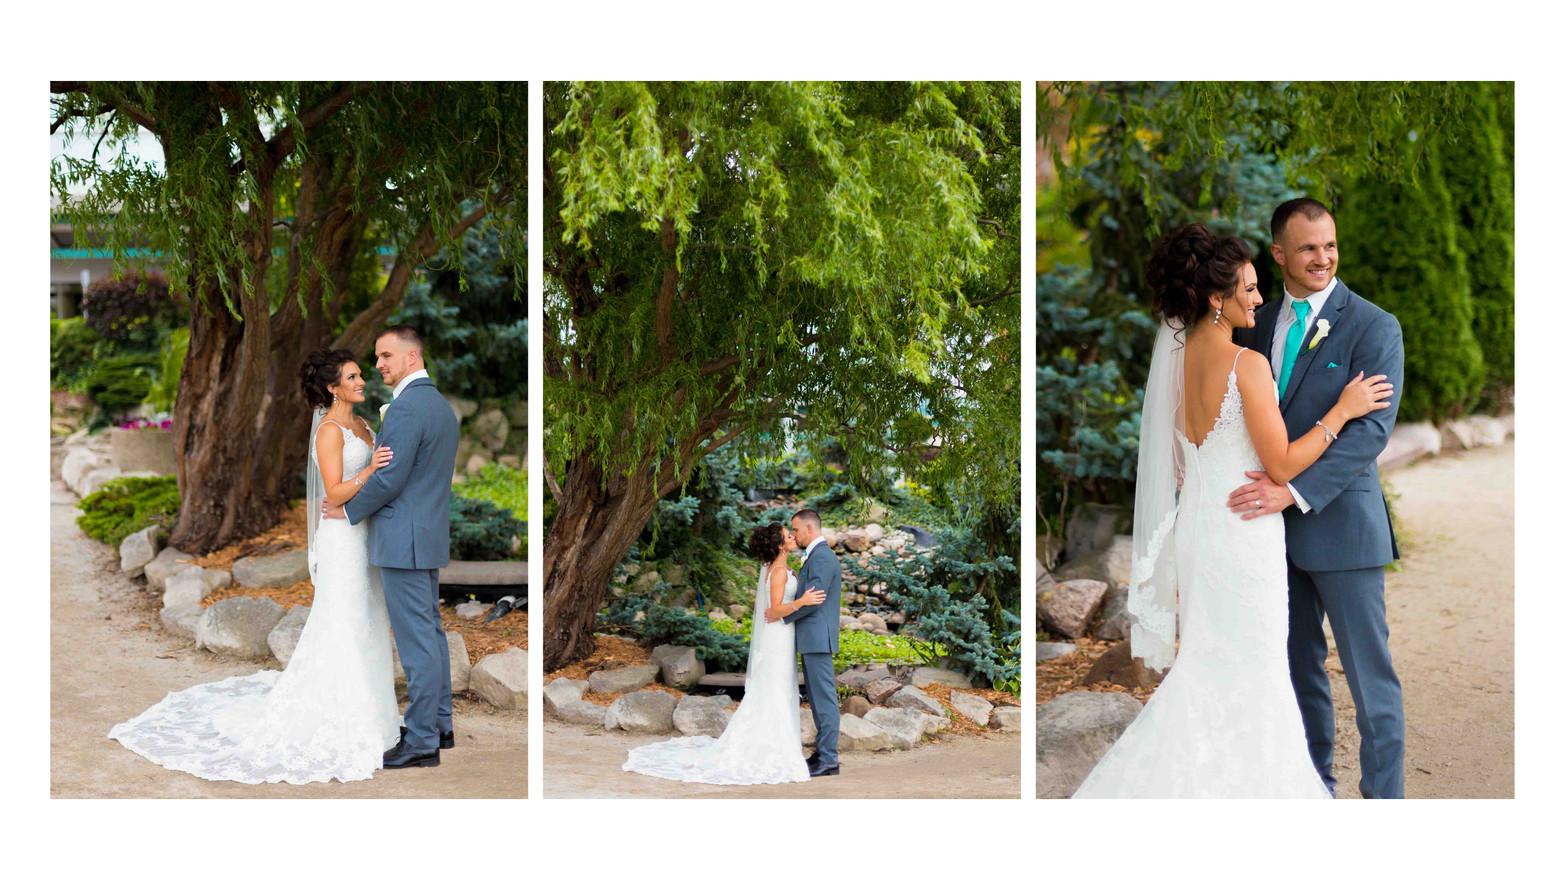 Matt & Amanda Highlights91.jpg